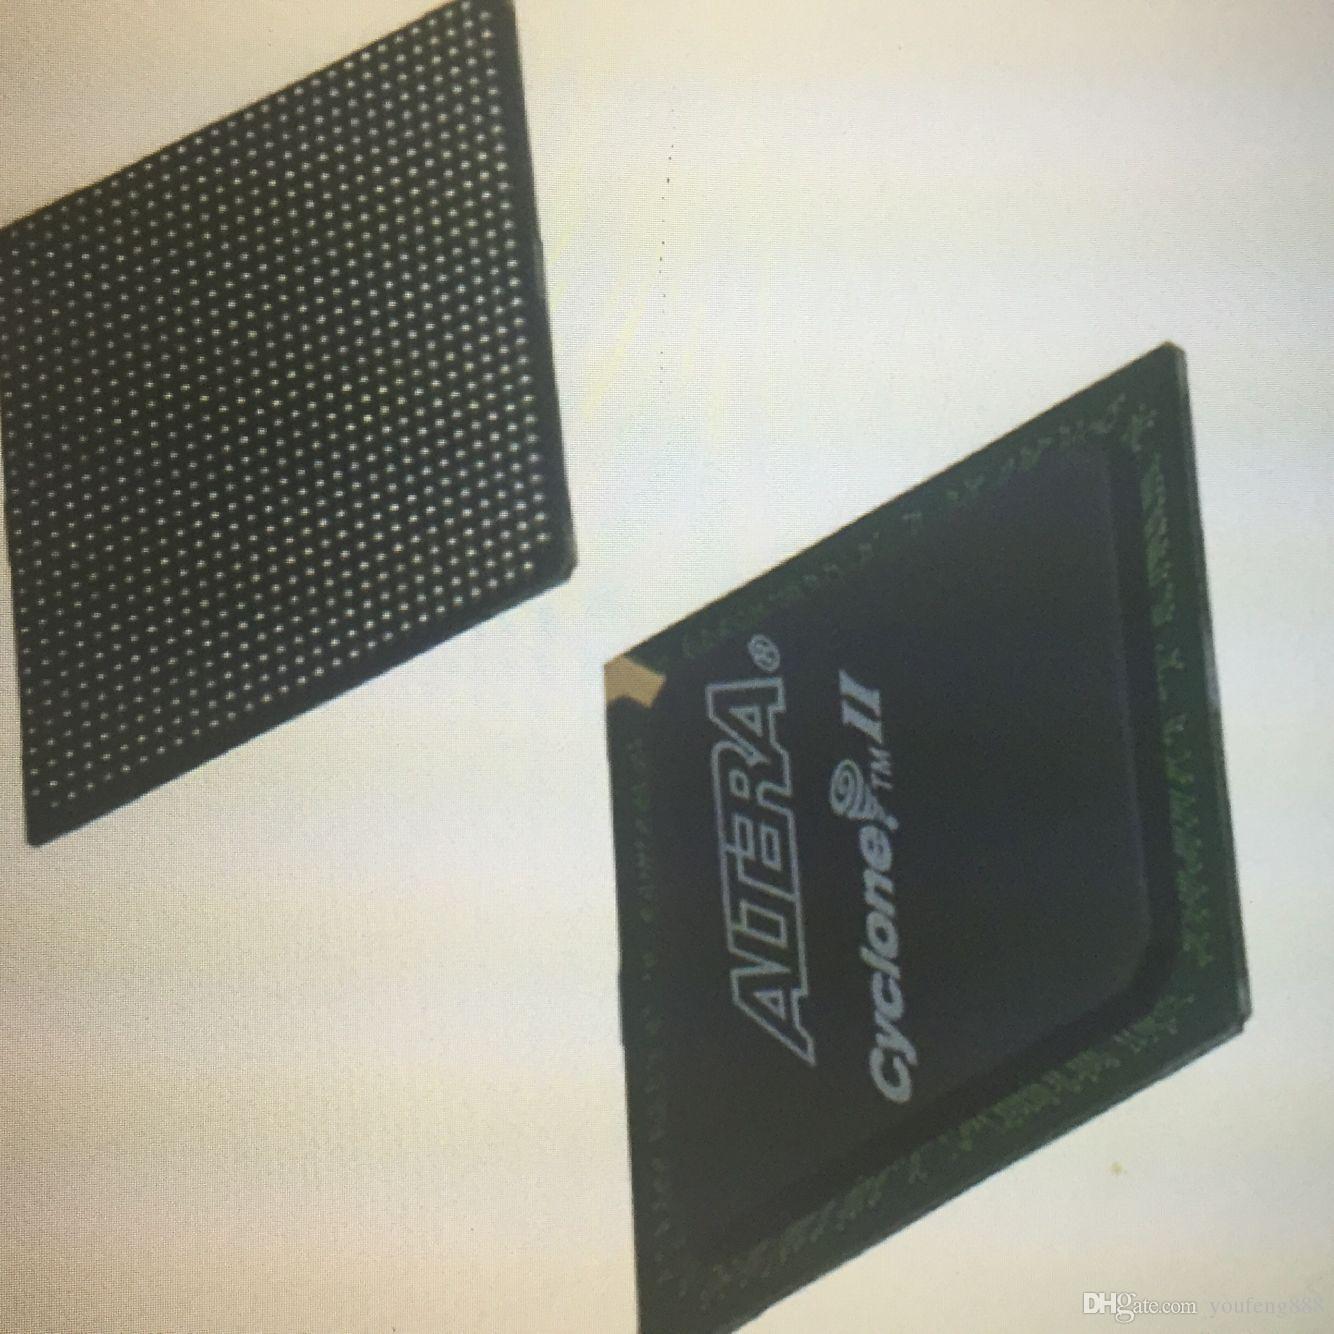 121a37cc7 Compre Número De Parte Del Fabricante Ep1sgx25df1020c5 Descripción ...